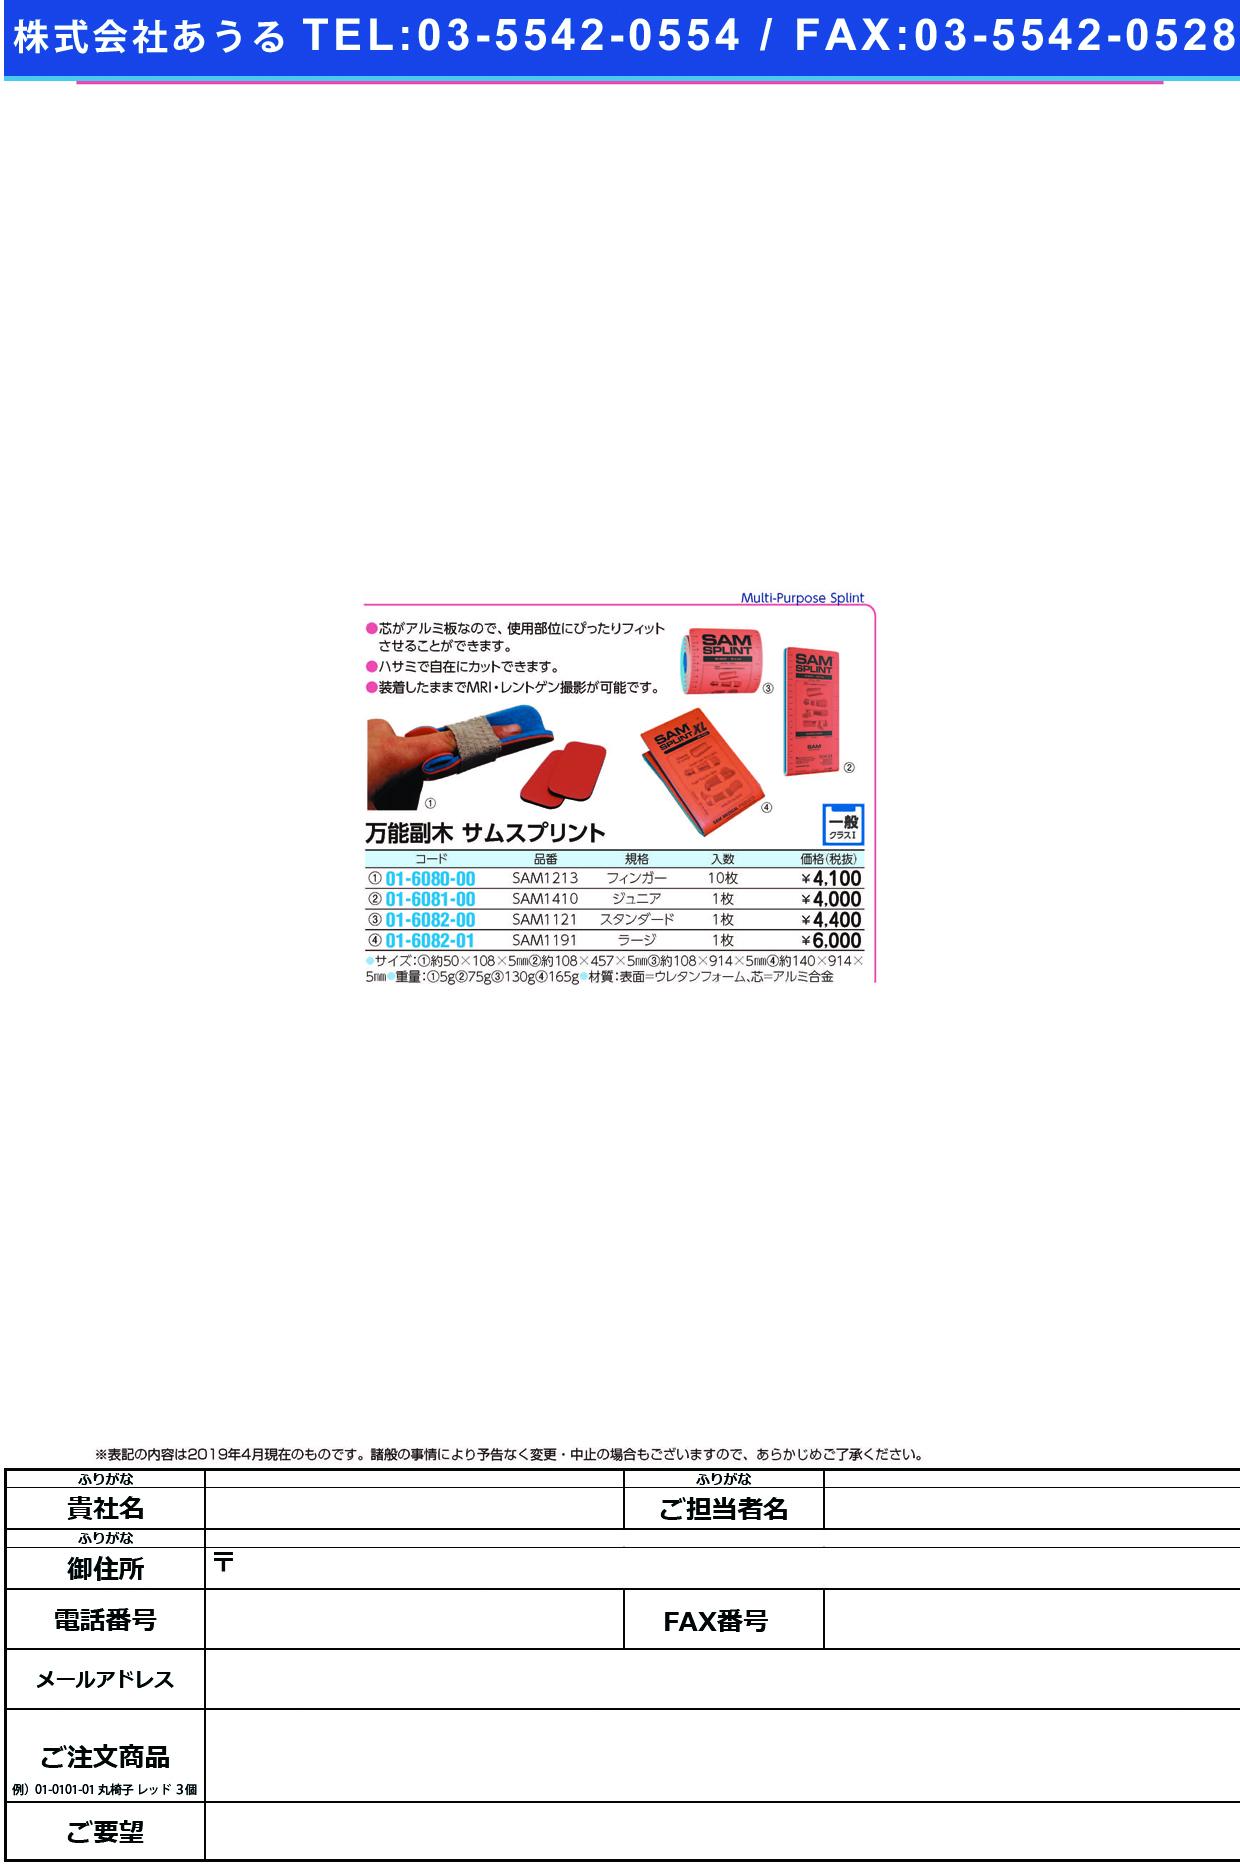 (01-6080-00)サムスプリント SAM1213(フィンガー)10イリ サムスプリント【1個単位】【2019年カタログ商品】